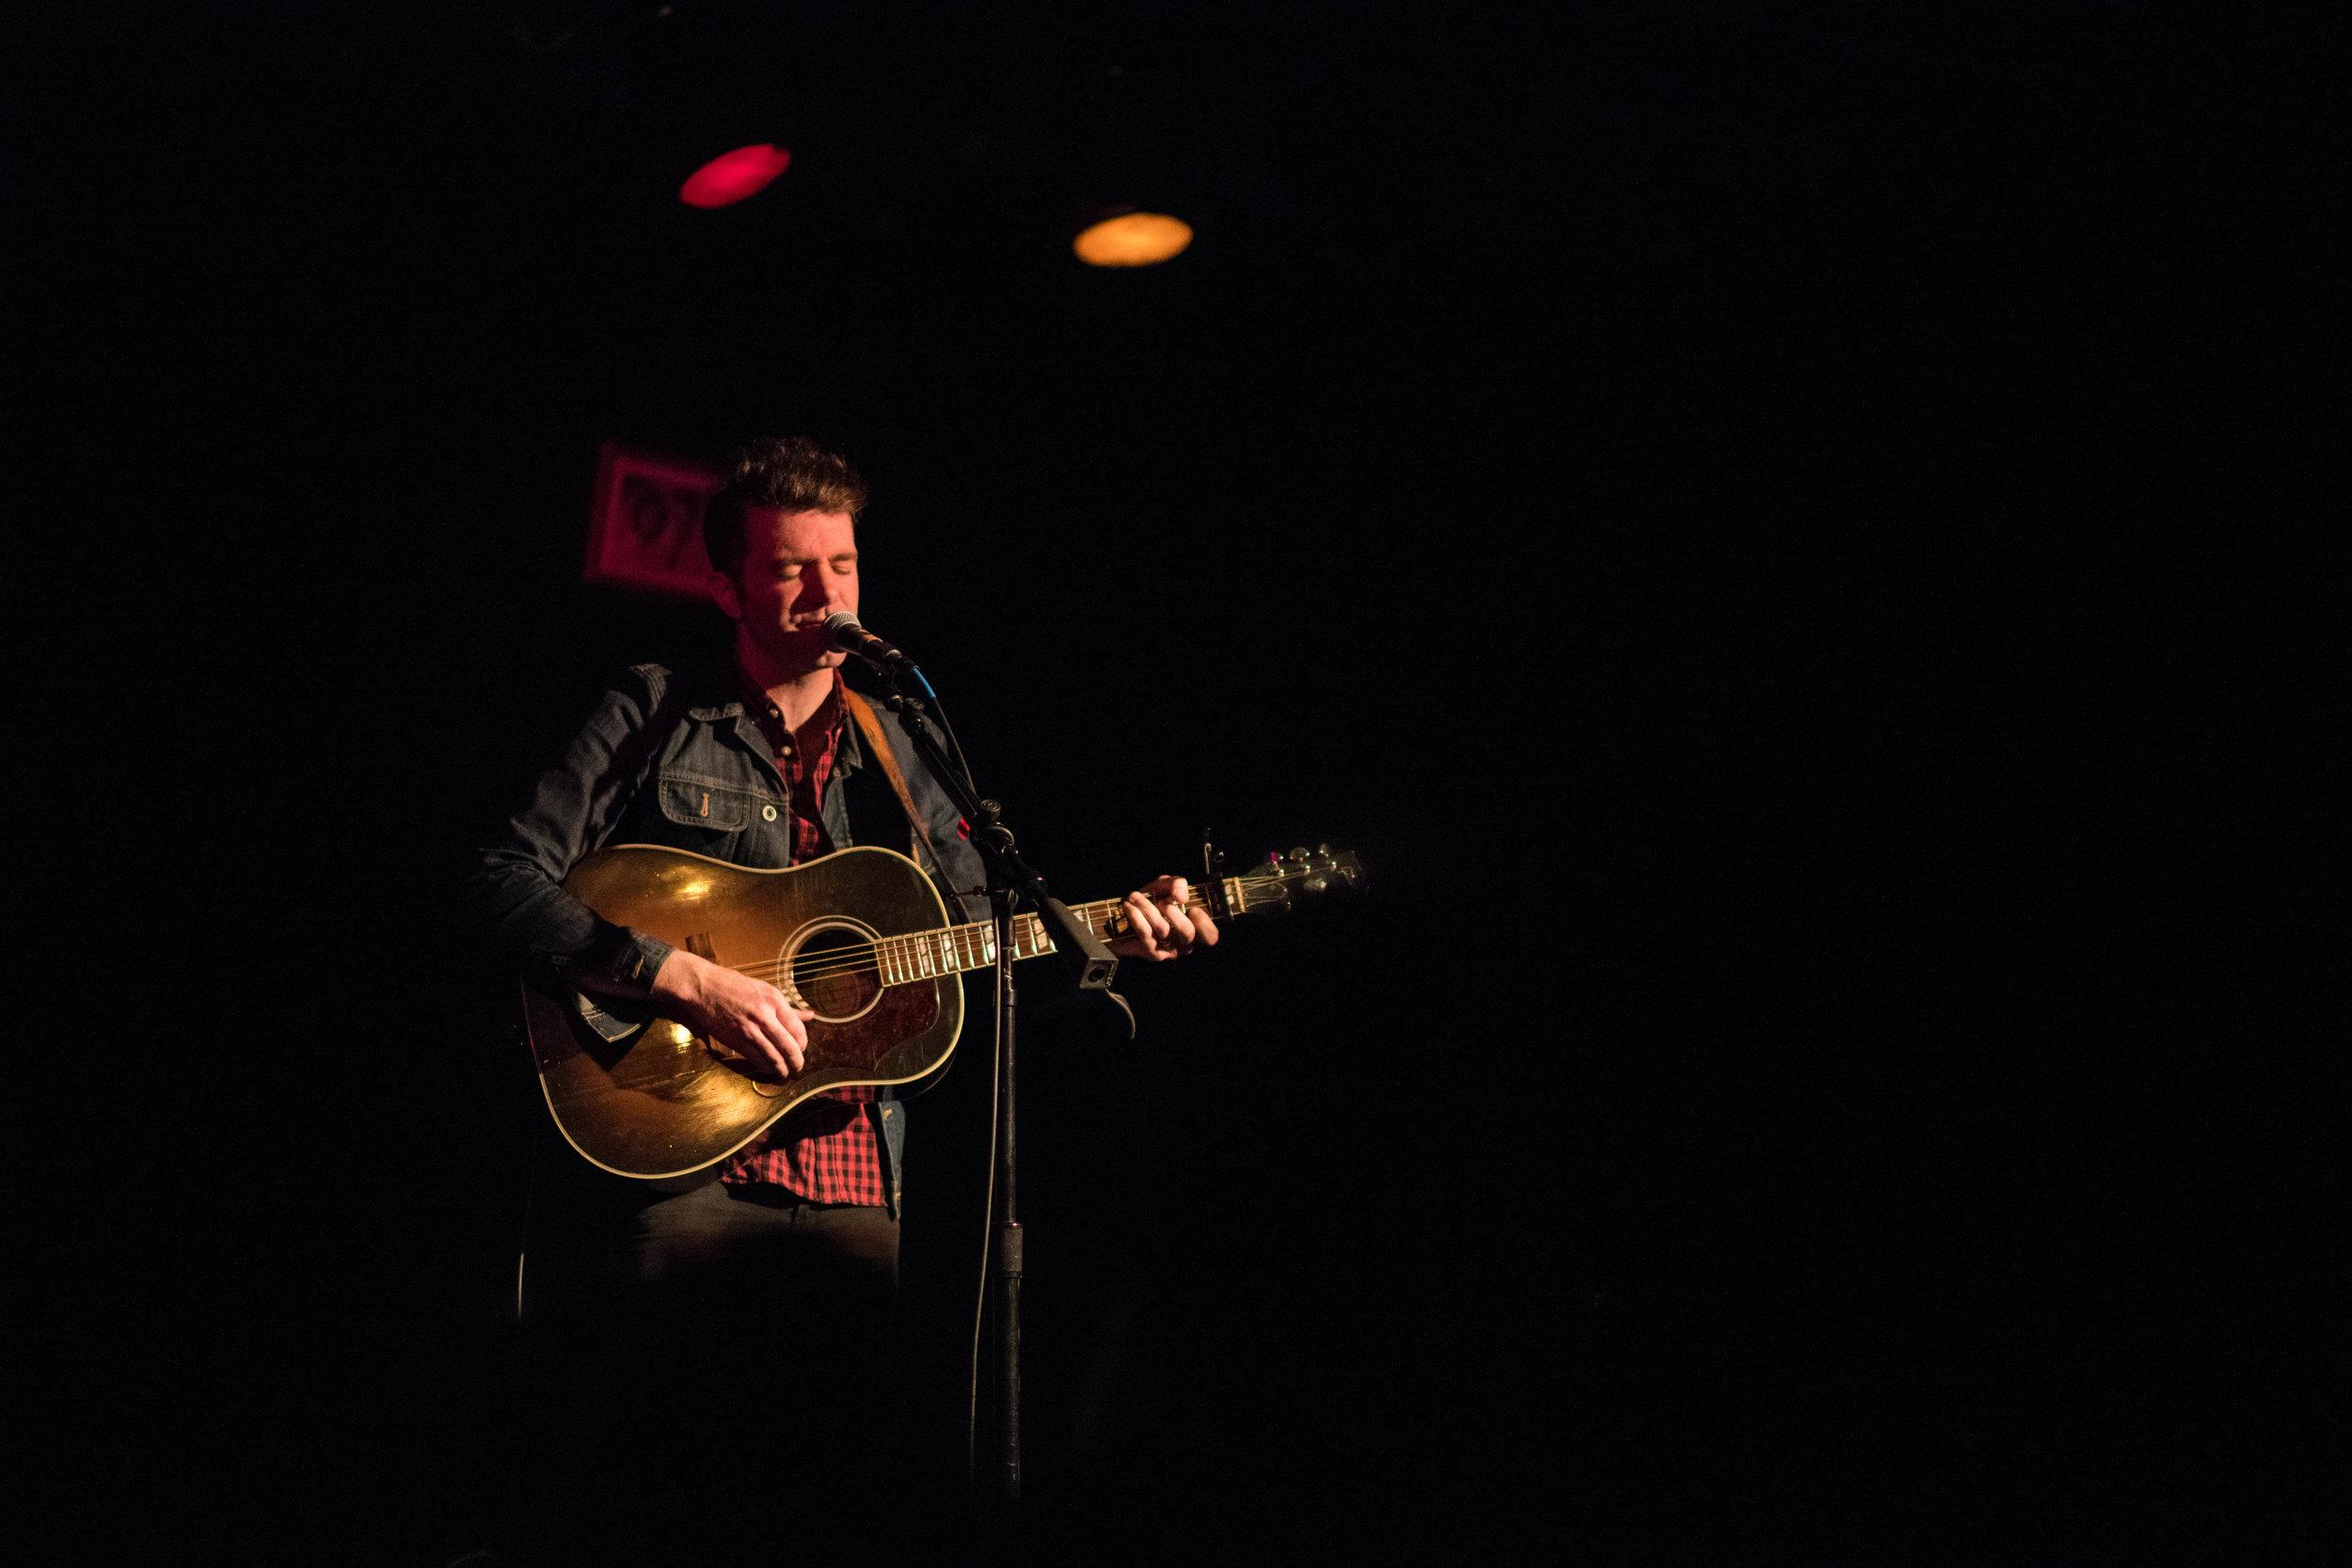 Photo by Aaron Matthews